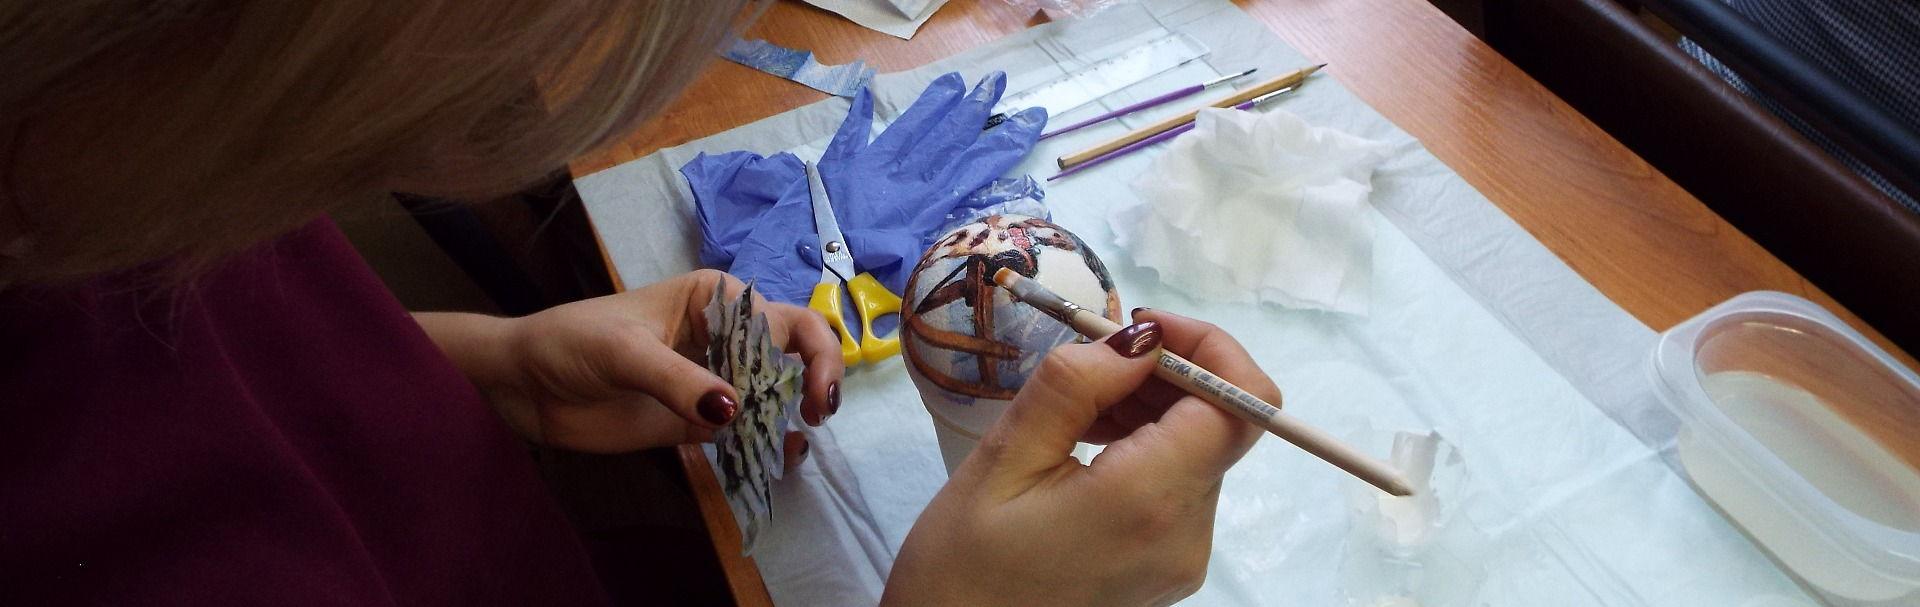 Мастер-класс декорирование предмета интерьера в технике Декупаж | 607x1920